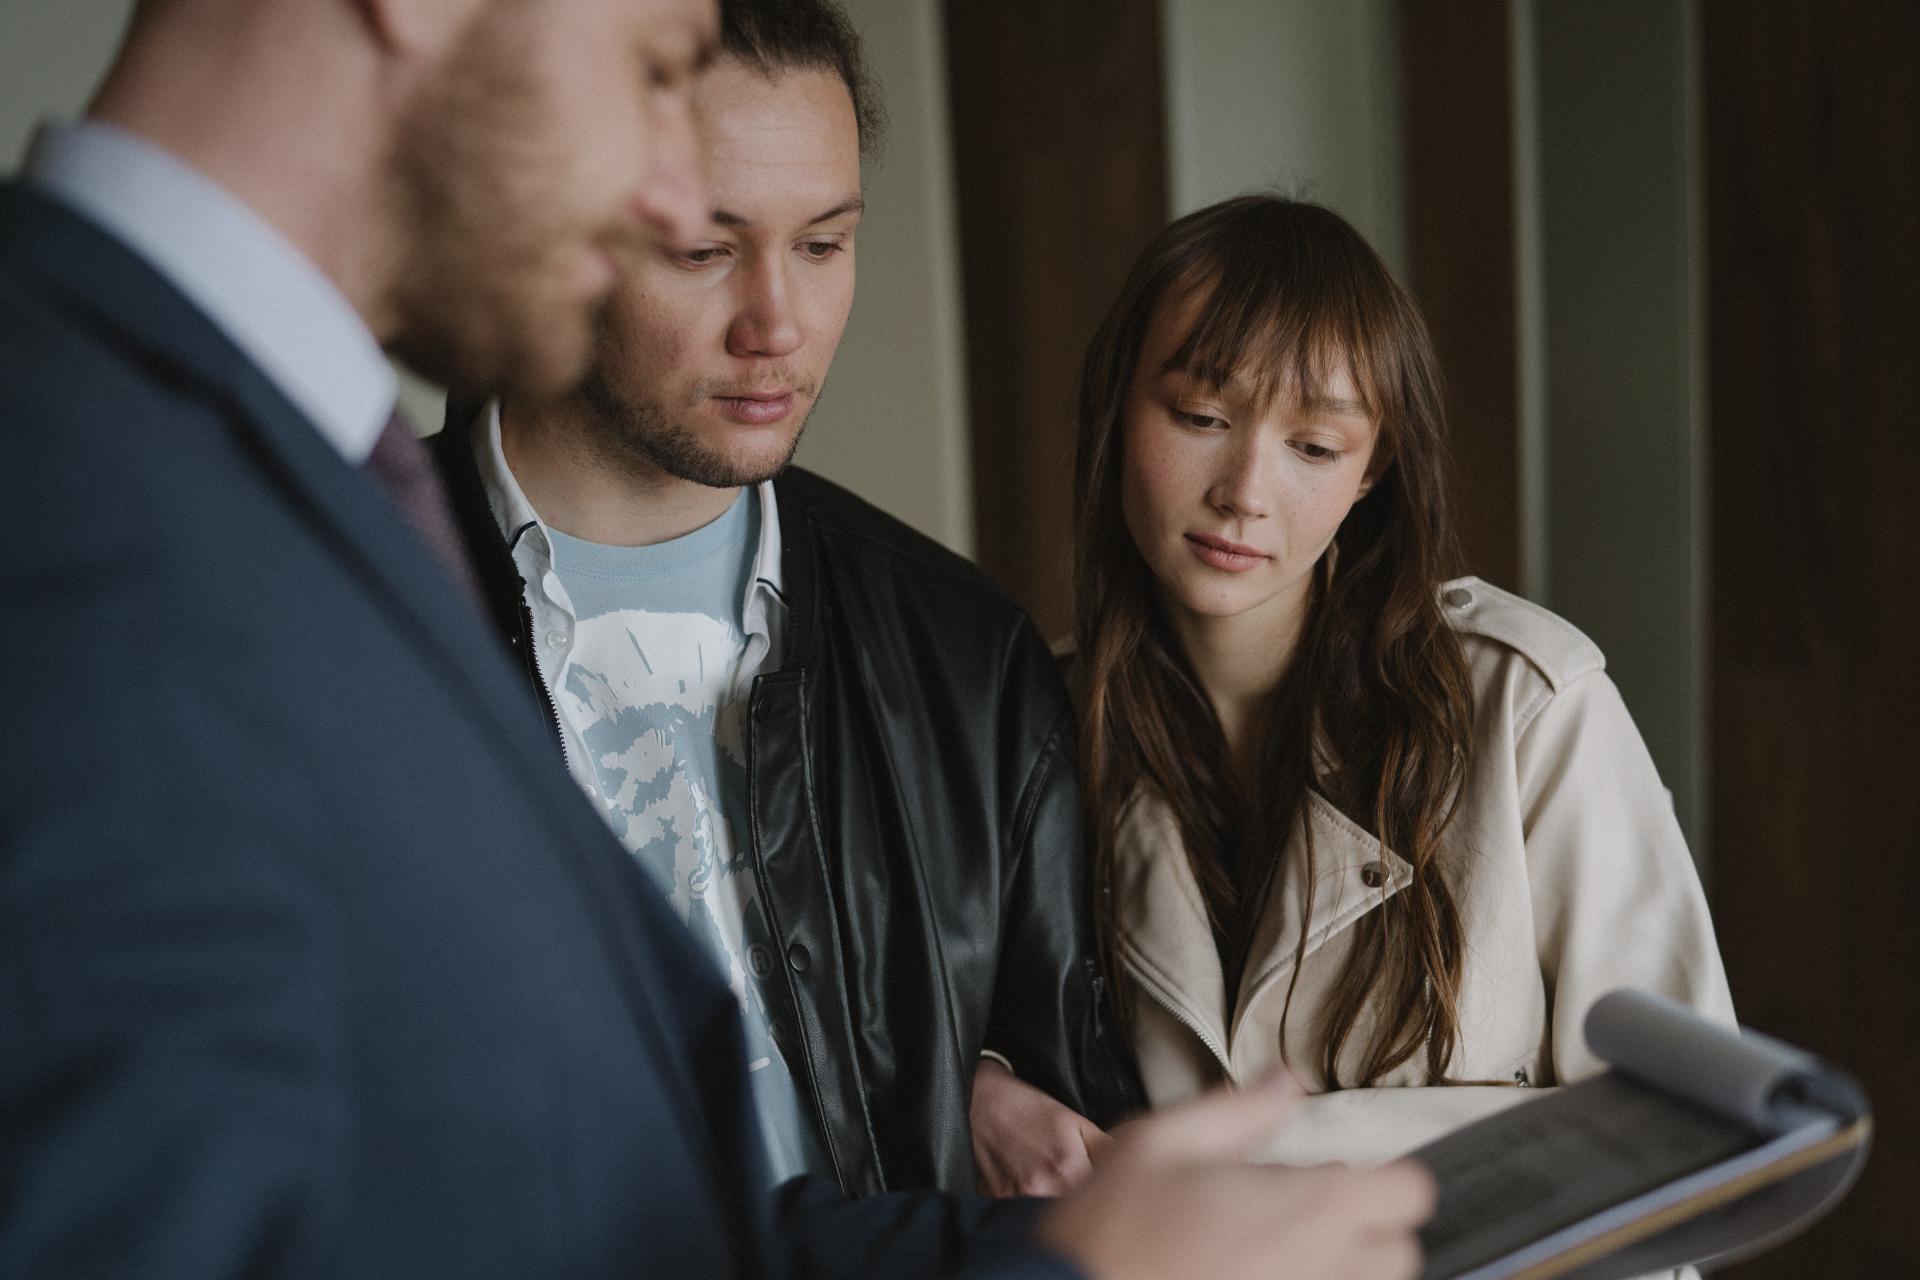 При покупке квартиры надо внимательно изучить все документы